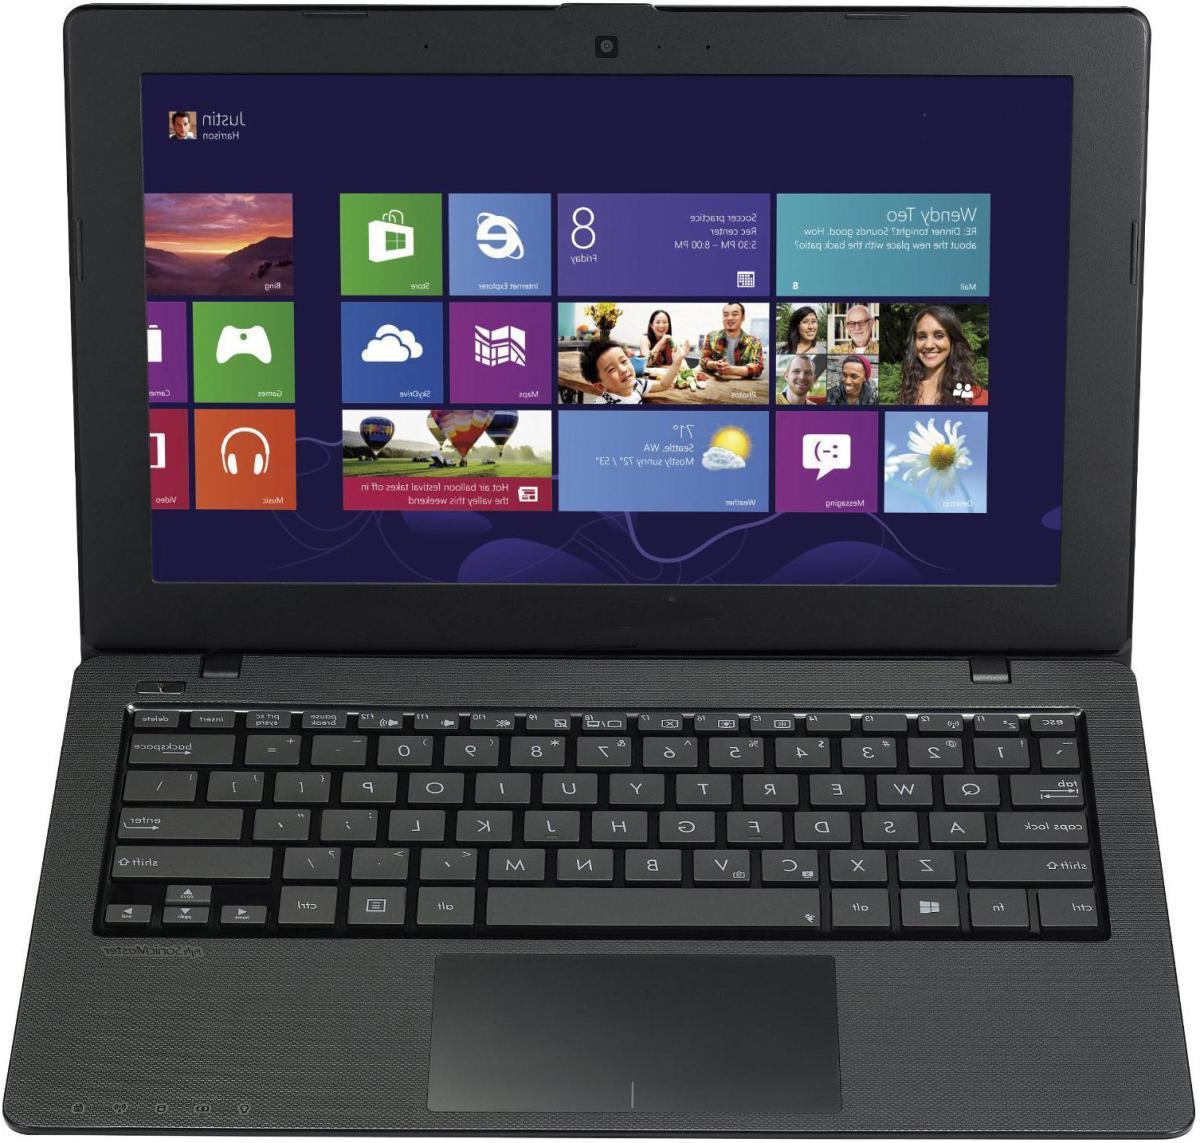 веб камеру асус ноутбук в кредит для